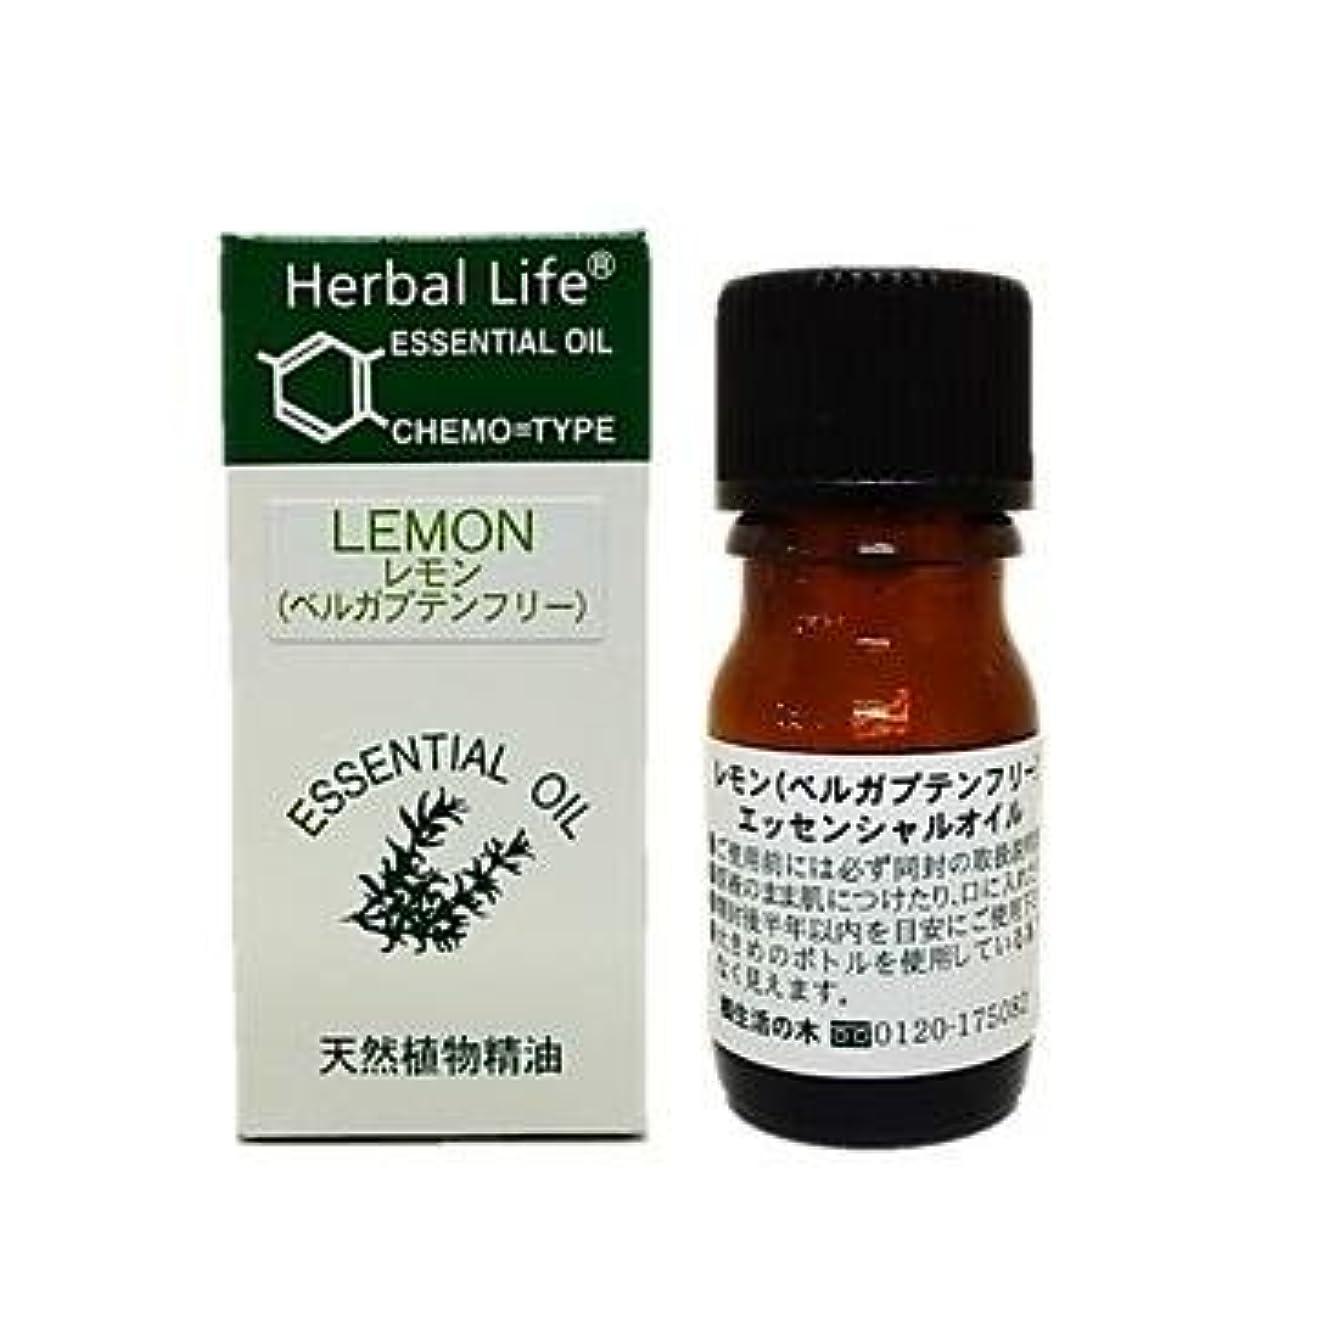 肺予防接種バンガロー生活の木 レモン(フロクマリンフリー)3ml エッセンシャルオイル/精油